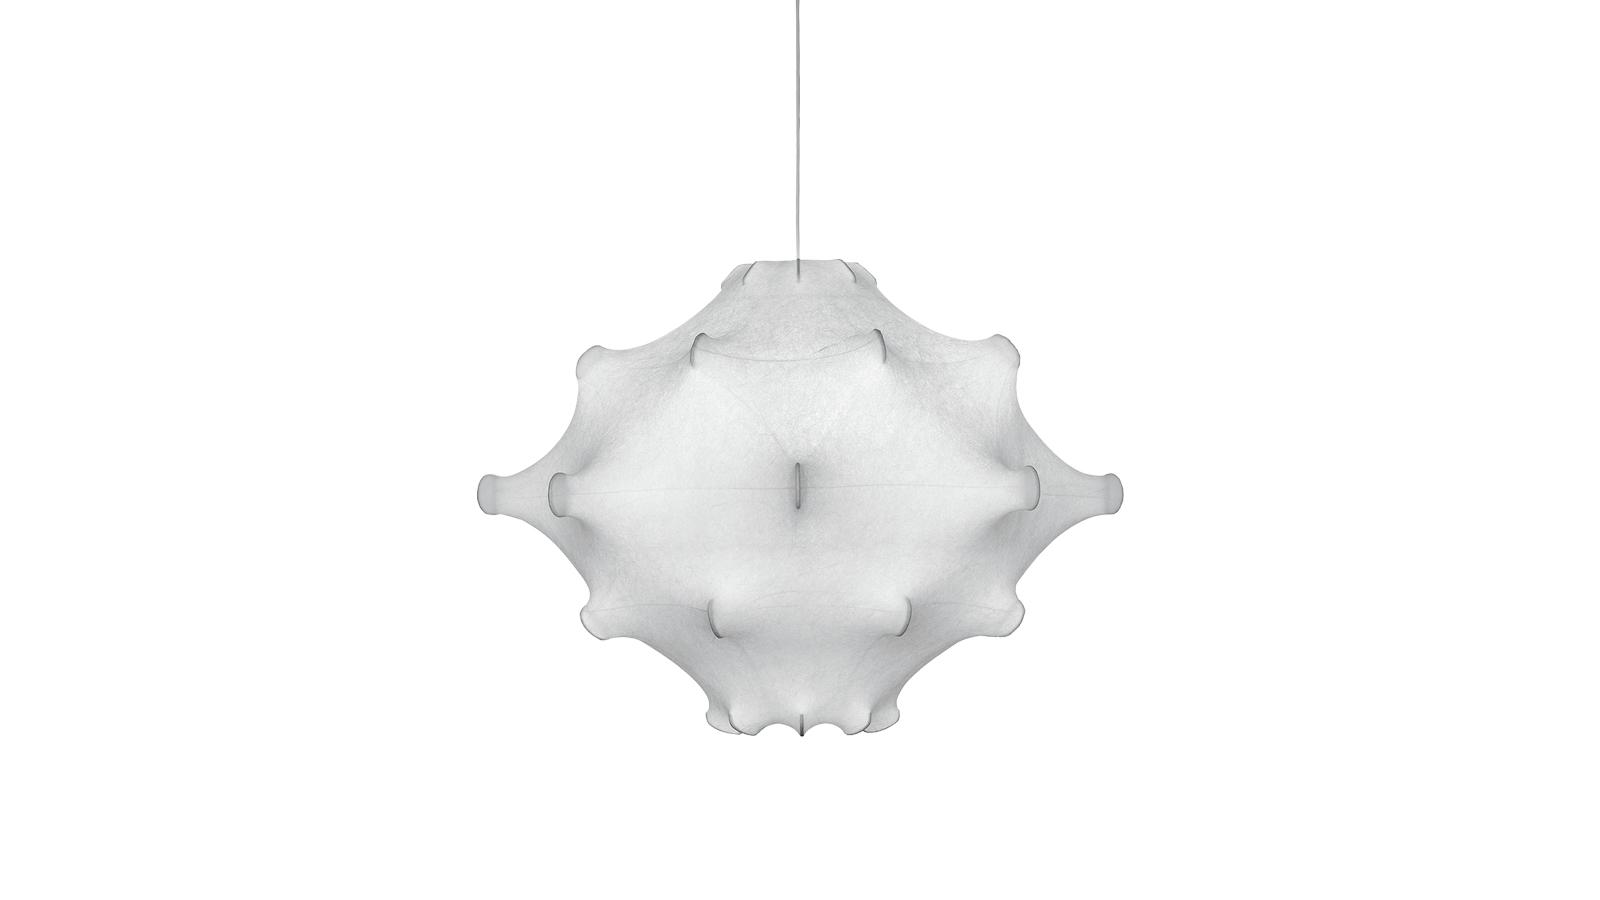 A Cocoon Taraxacum a pitypangról kapta elnevezését, mely épp olyan állandó és világszép része a réteknek, ahogy a függőlámpa a étkezőnek. A kecses lámpa hangulatos atmoszférát biztosít a selyem búrán átszűrődő fénynek köszönhetően.